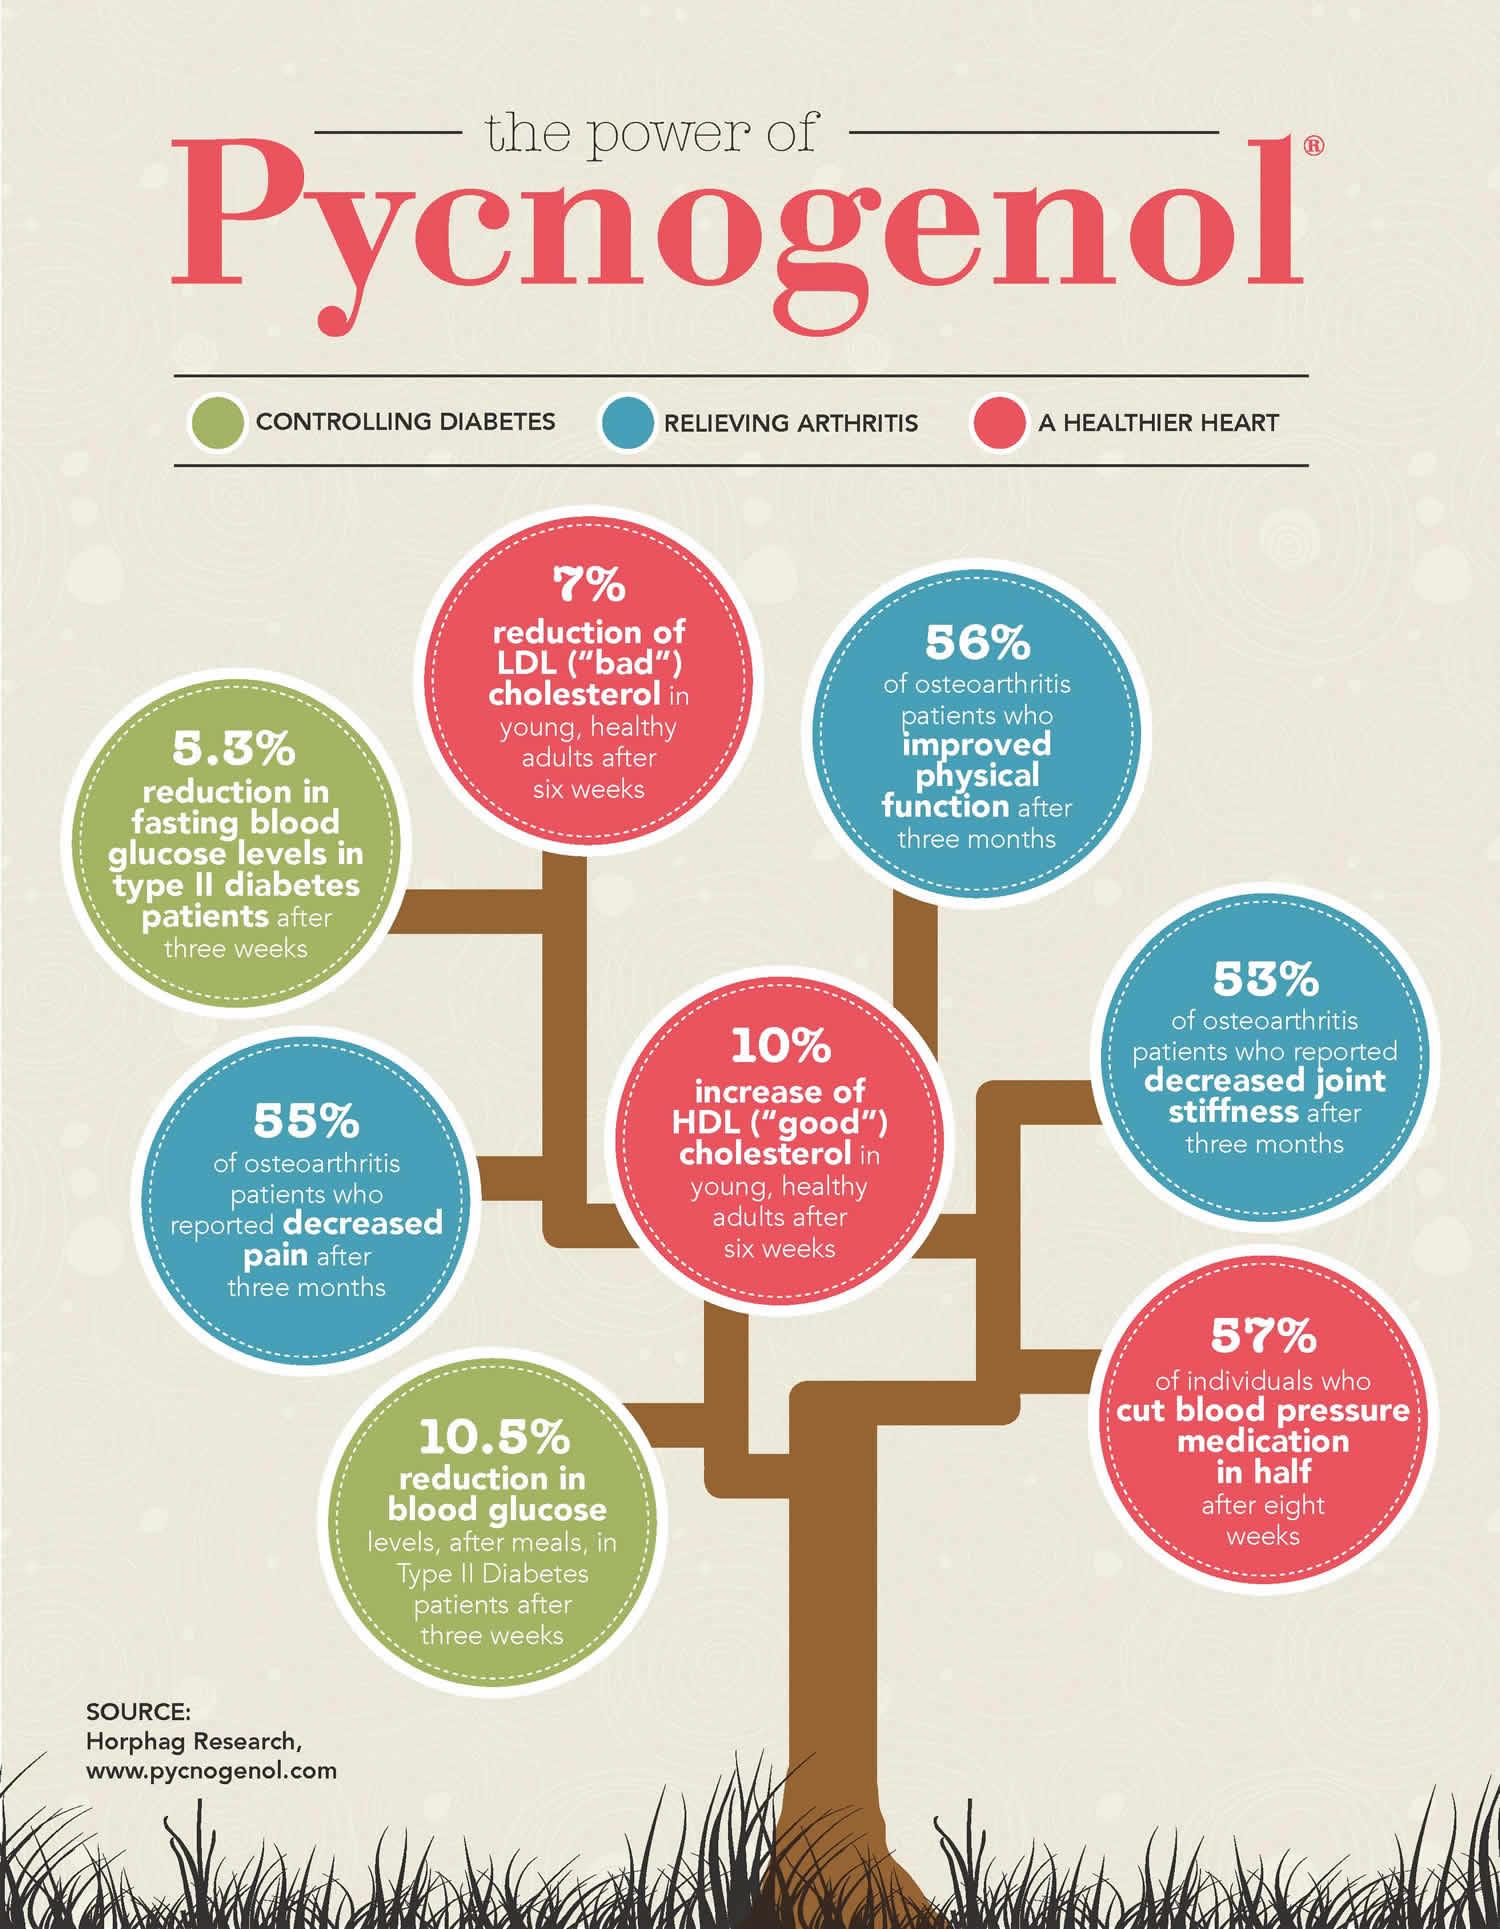 The Power Of Pycnogenol